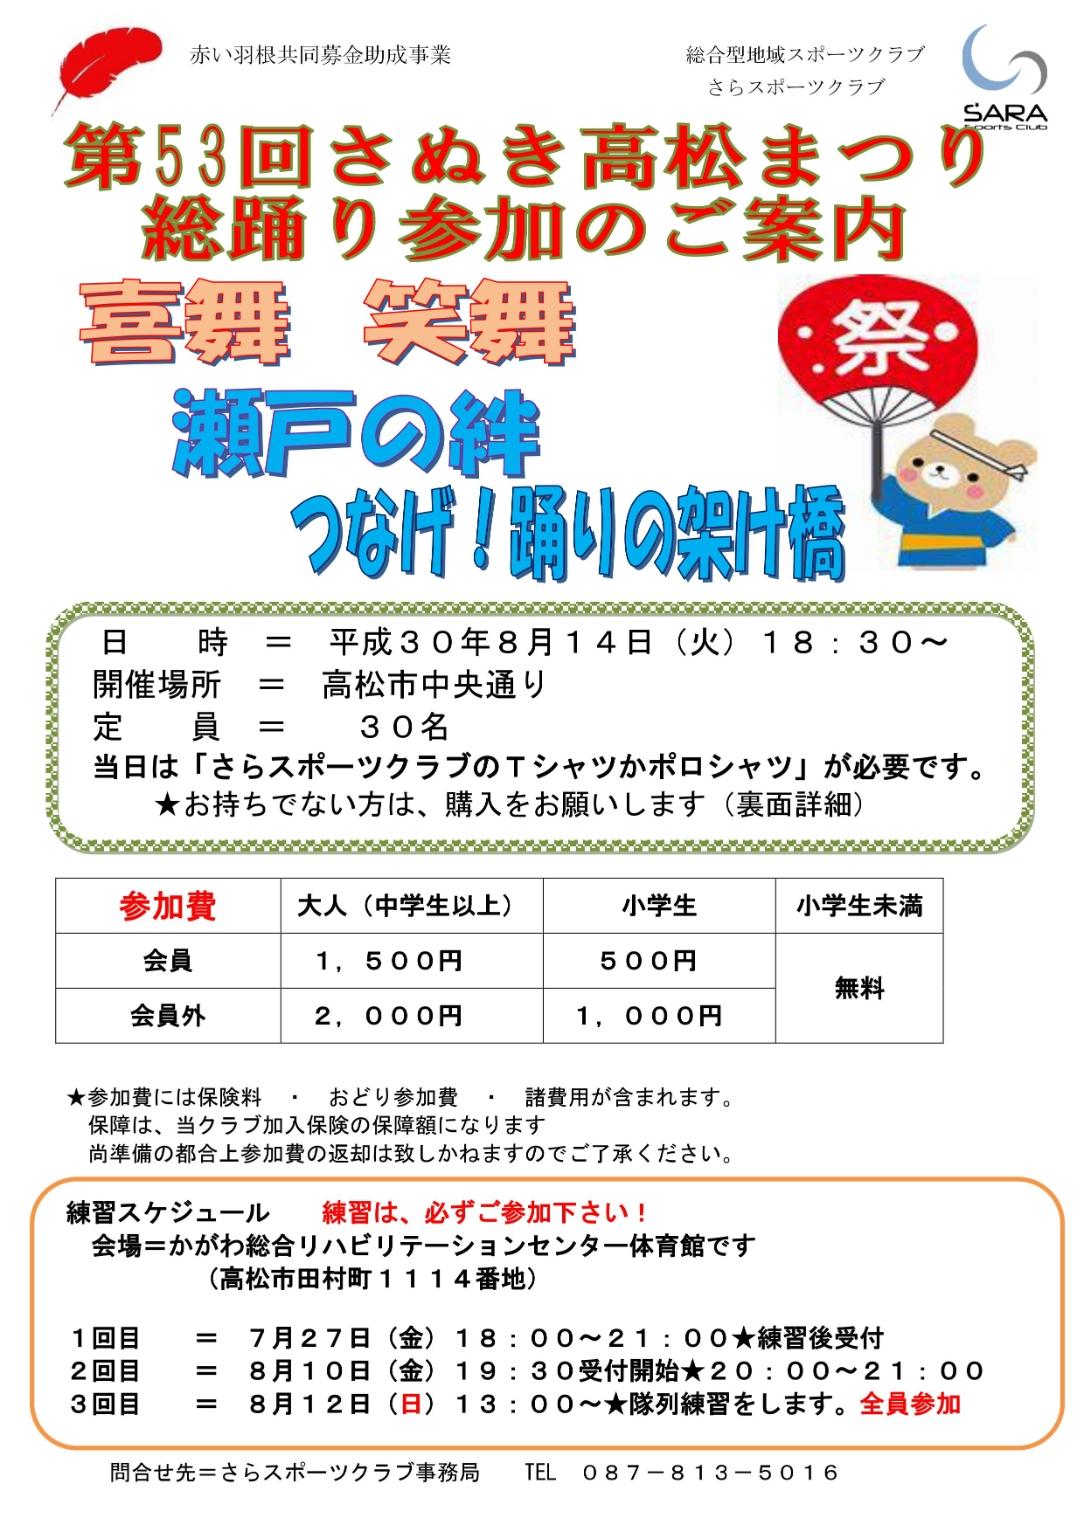 2018高松祭り参加募集